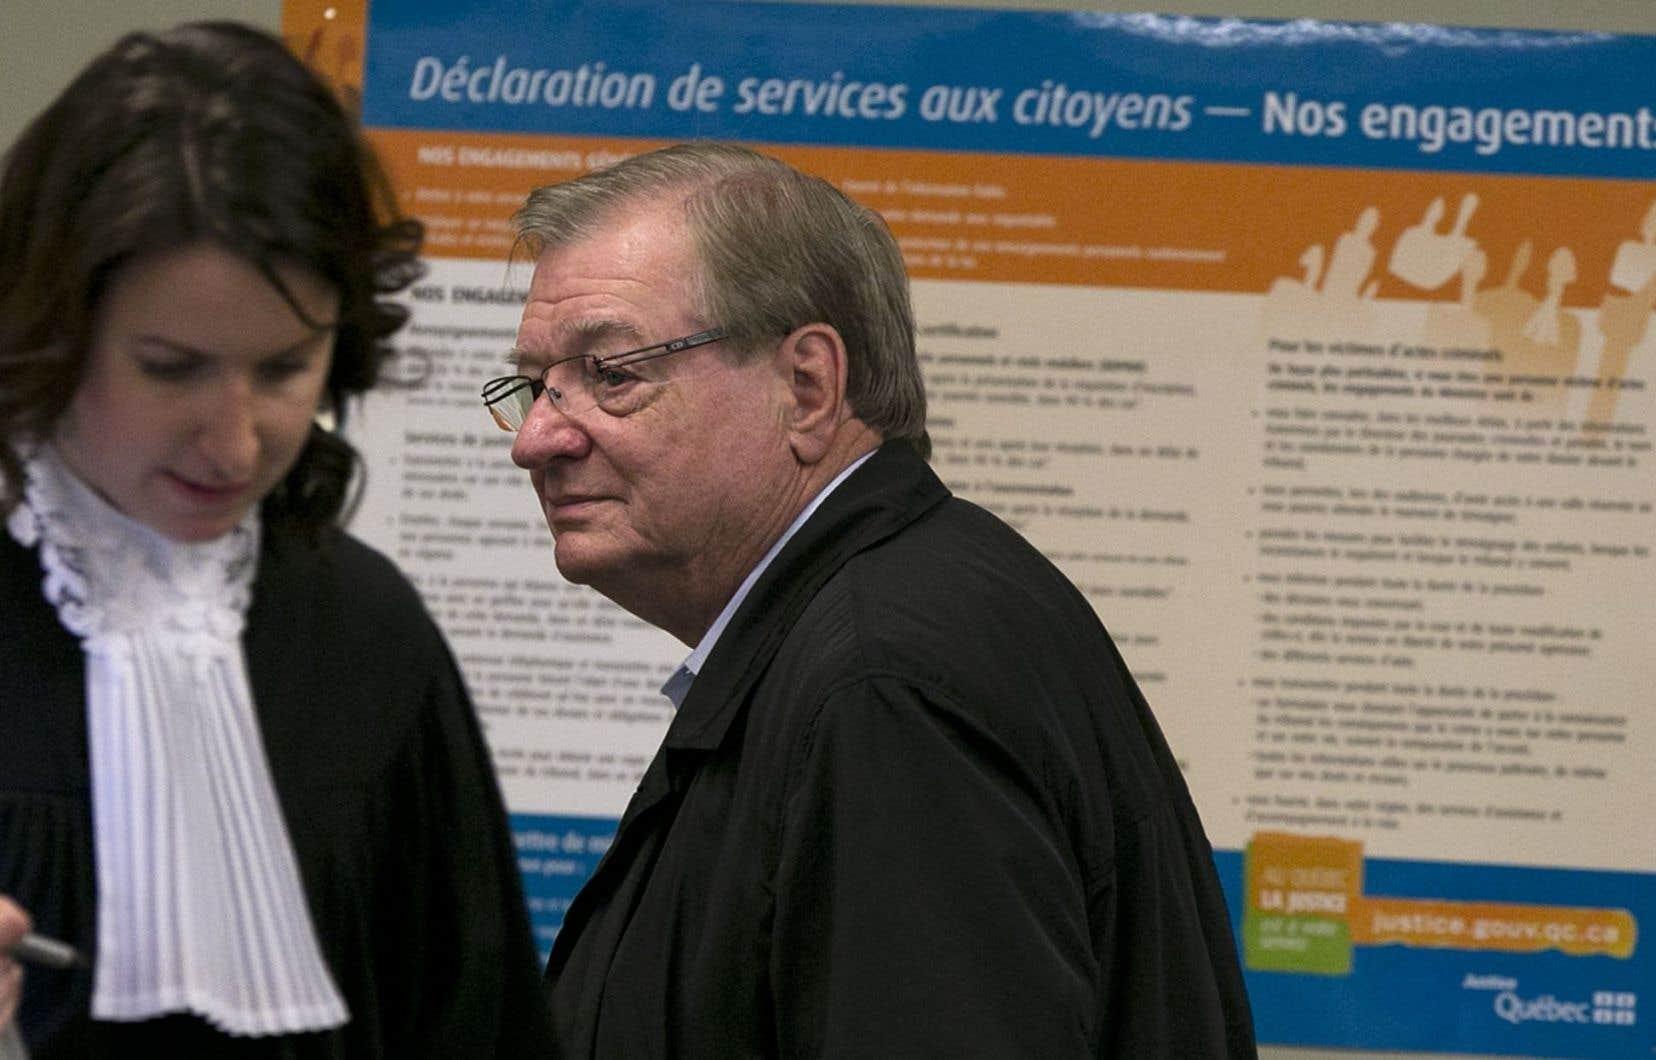 La Ville use de plusieurs moyens pour récupérer l'argent payé en trop. L'ex-maire Gilles Vaillancourt a notamment fait l'objet d'une poursuite.